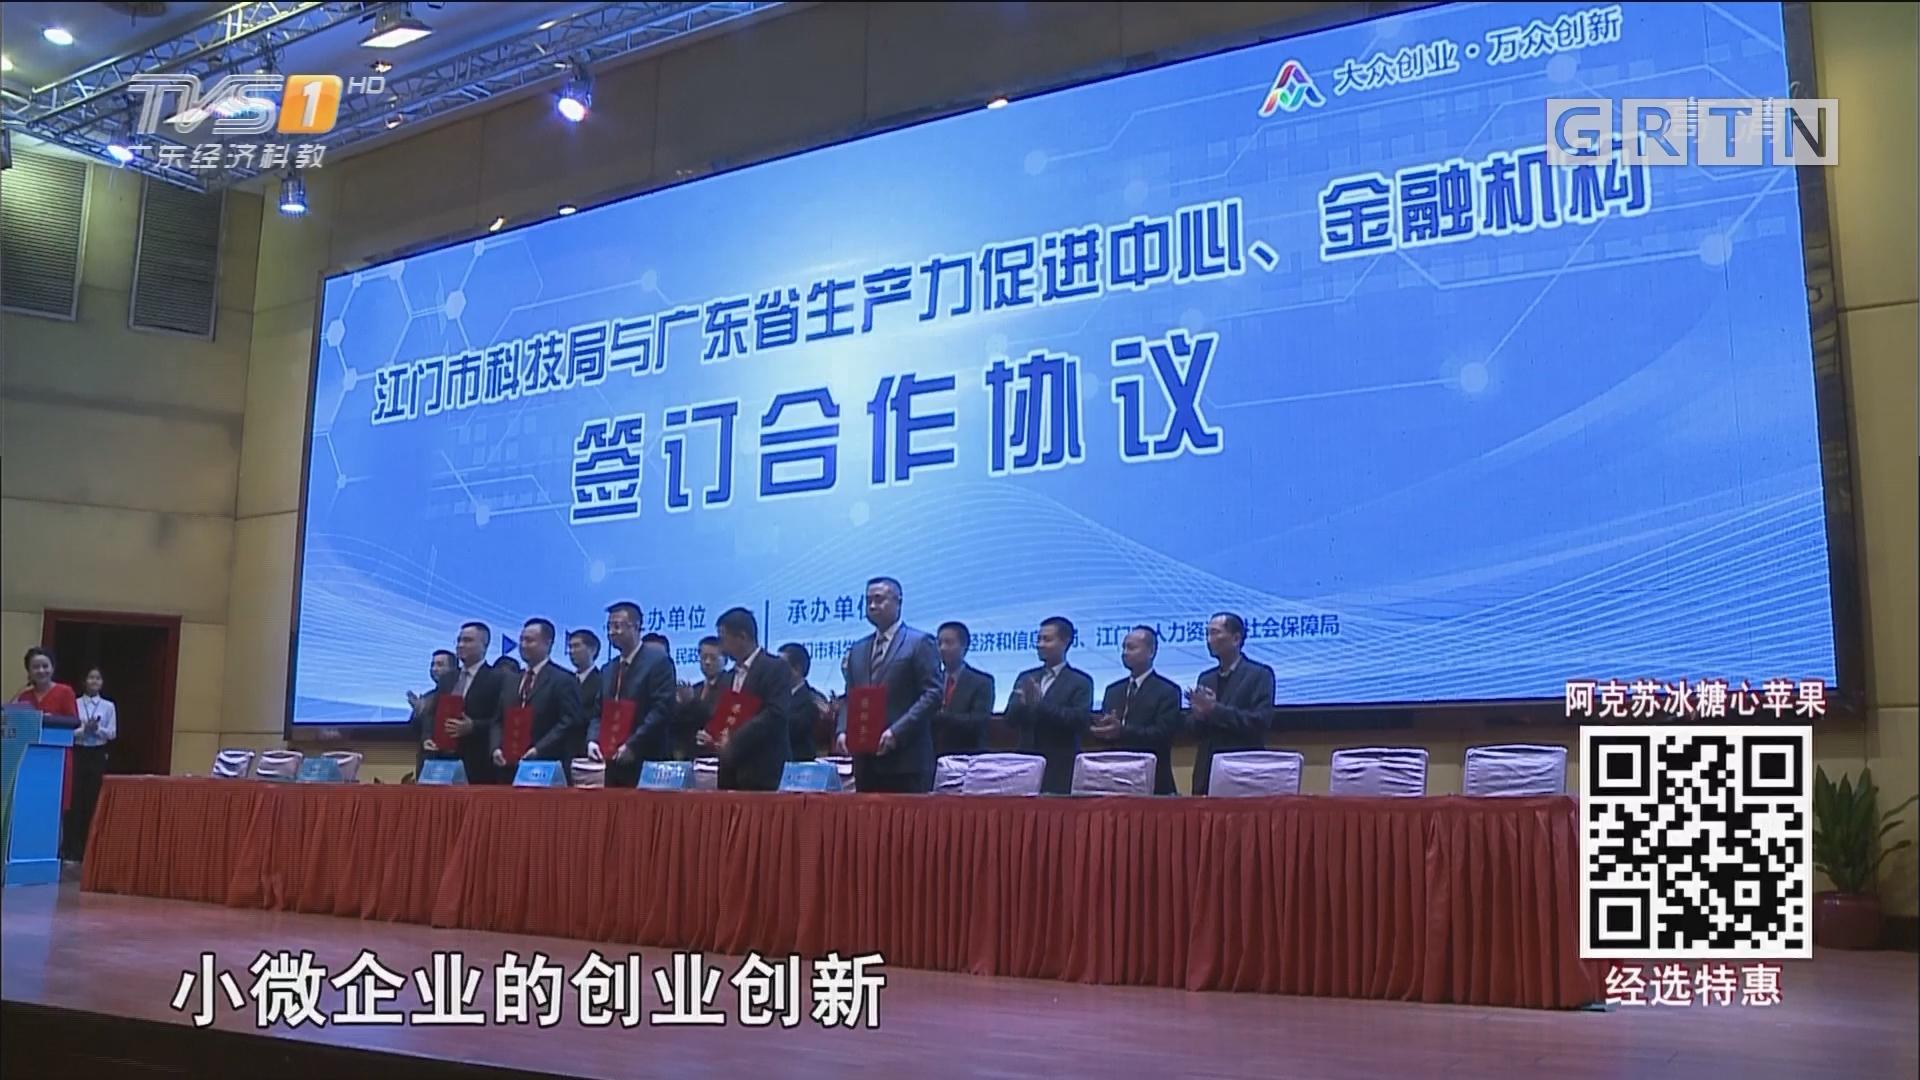 江门:300亿元信贷支持小微企业创业创新